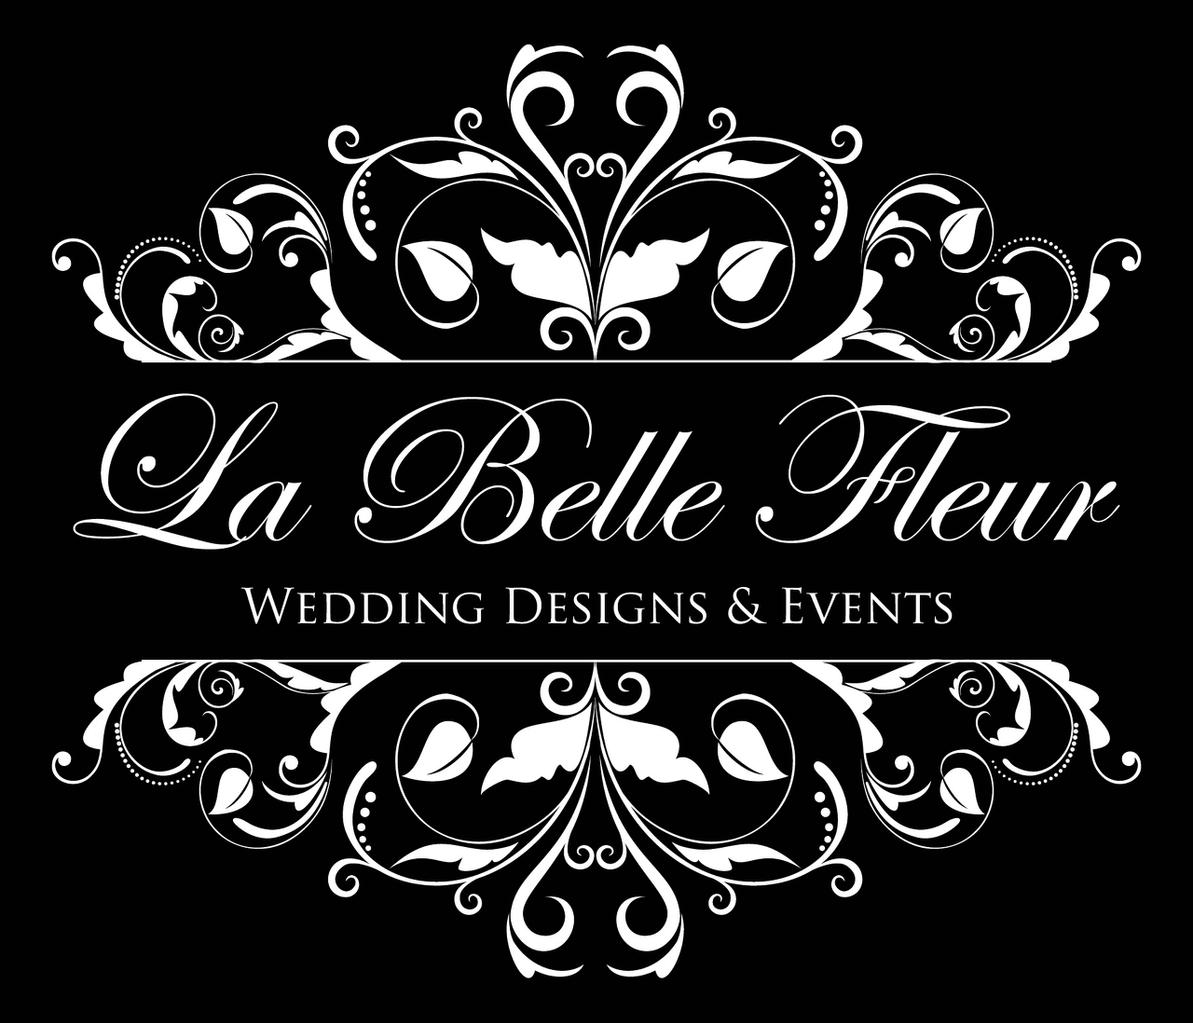 La Belle Fleur Designs